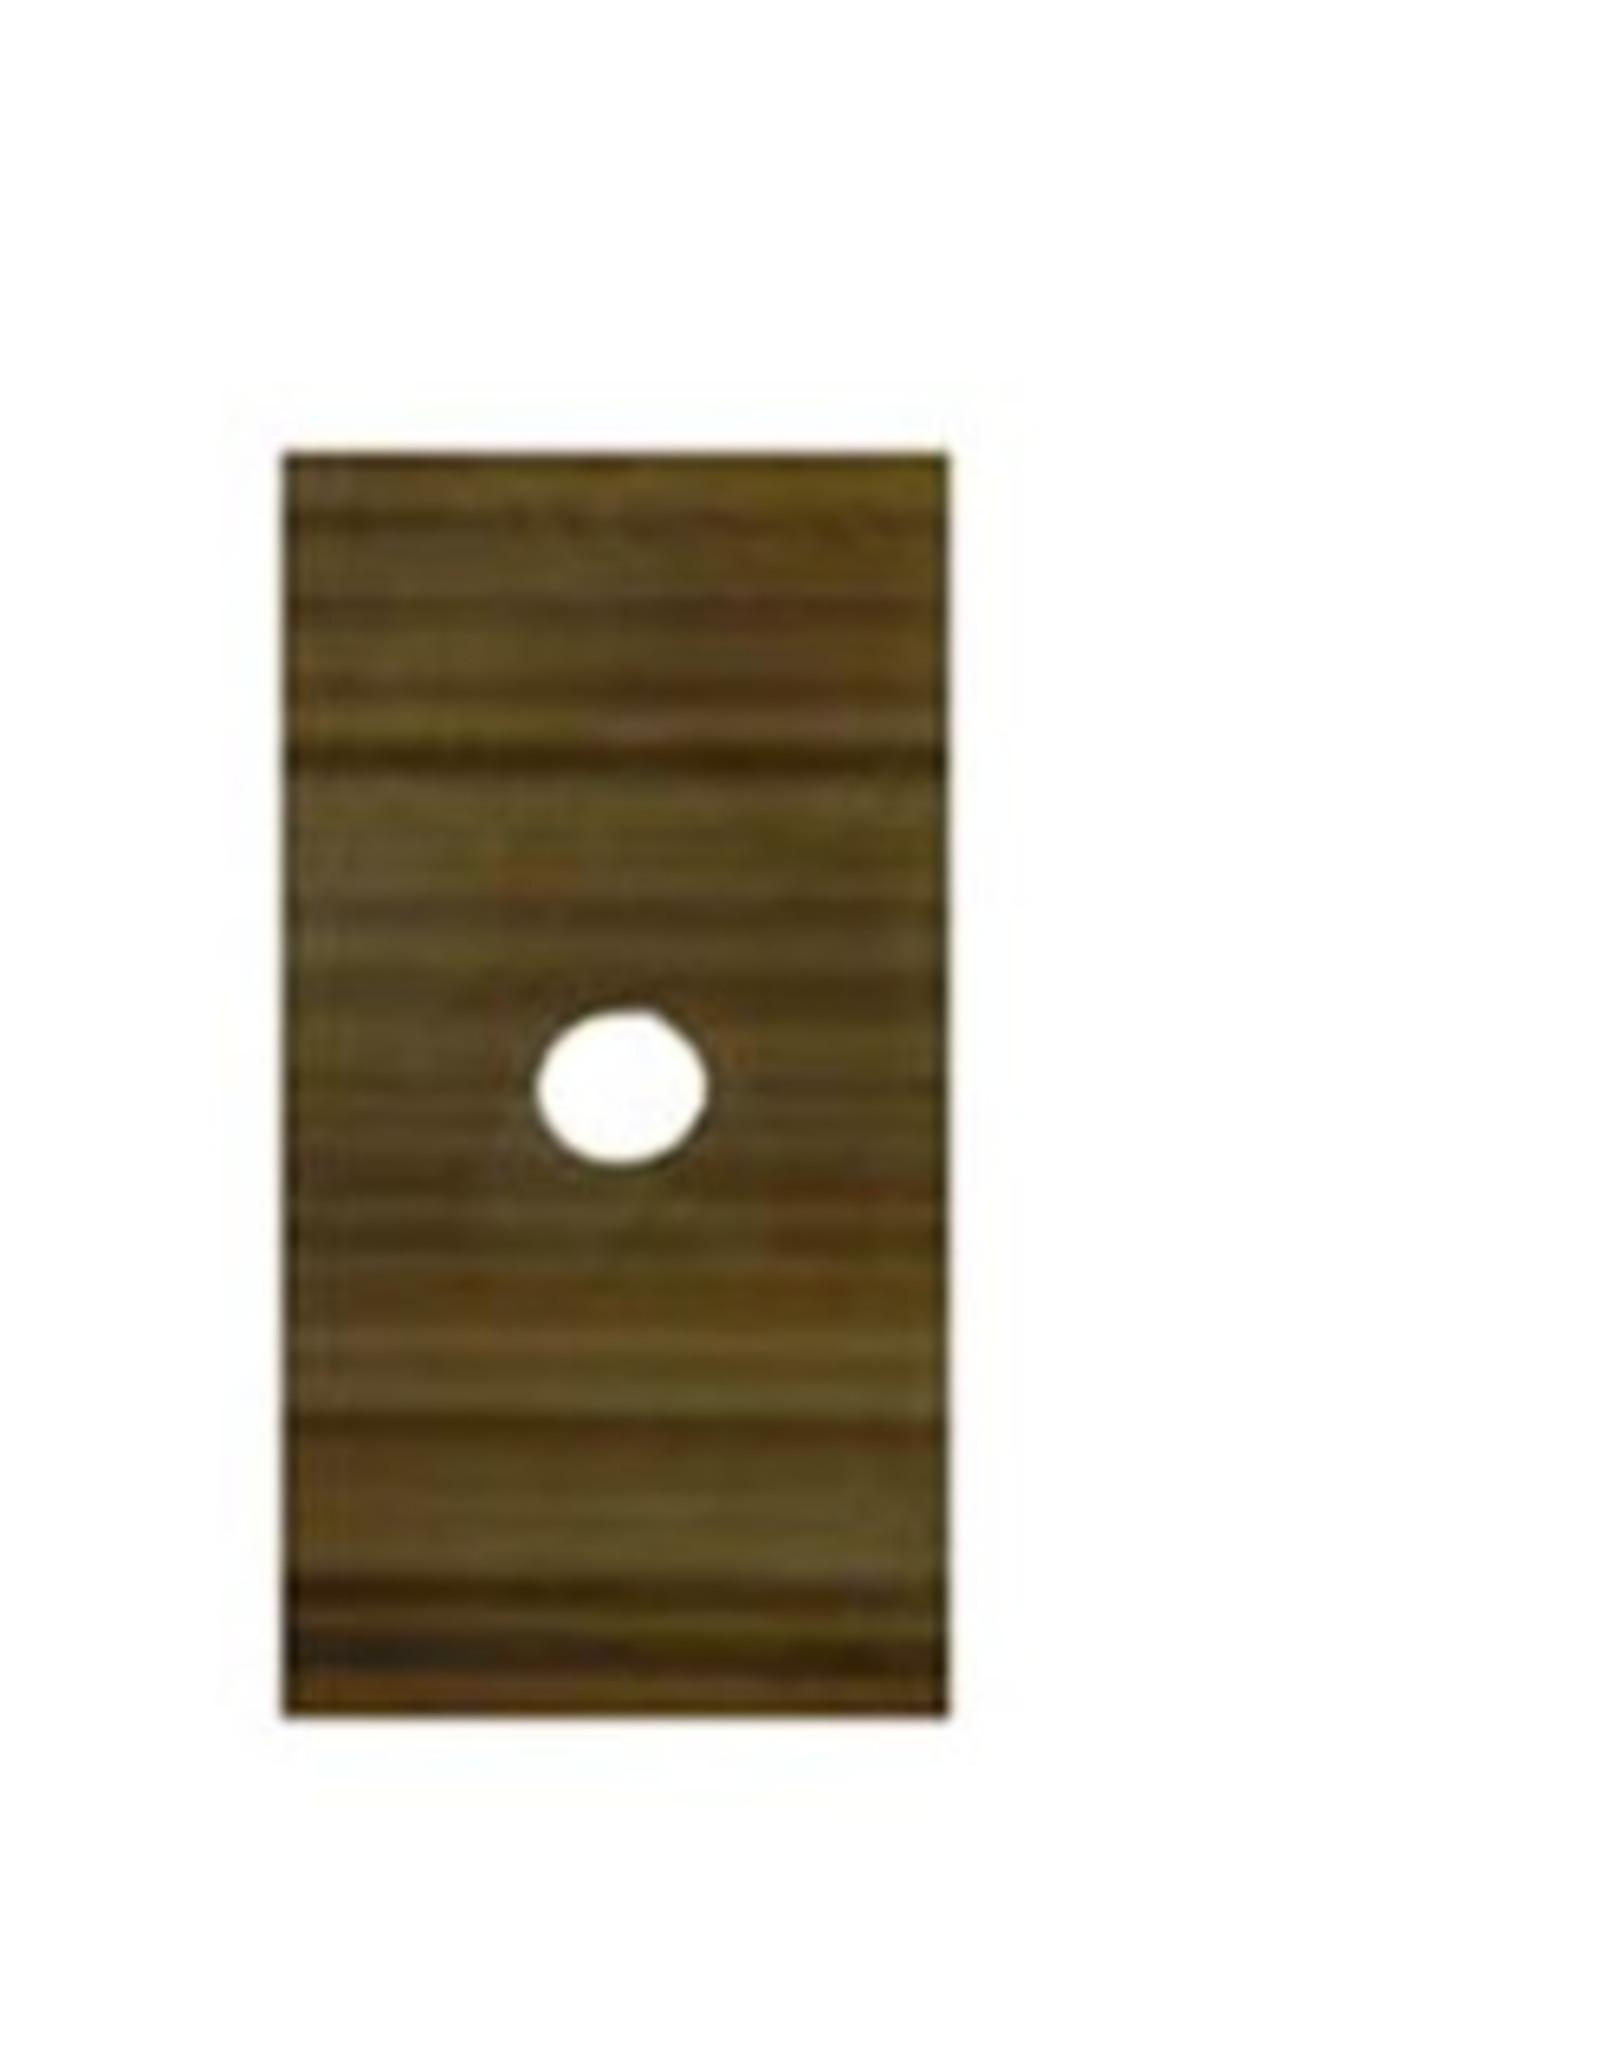 Argiles Bisbal Metal Throwing Rib (7.5 x 4.5cm)